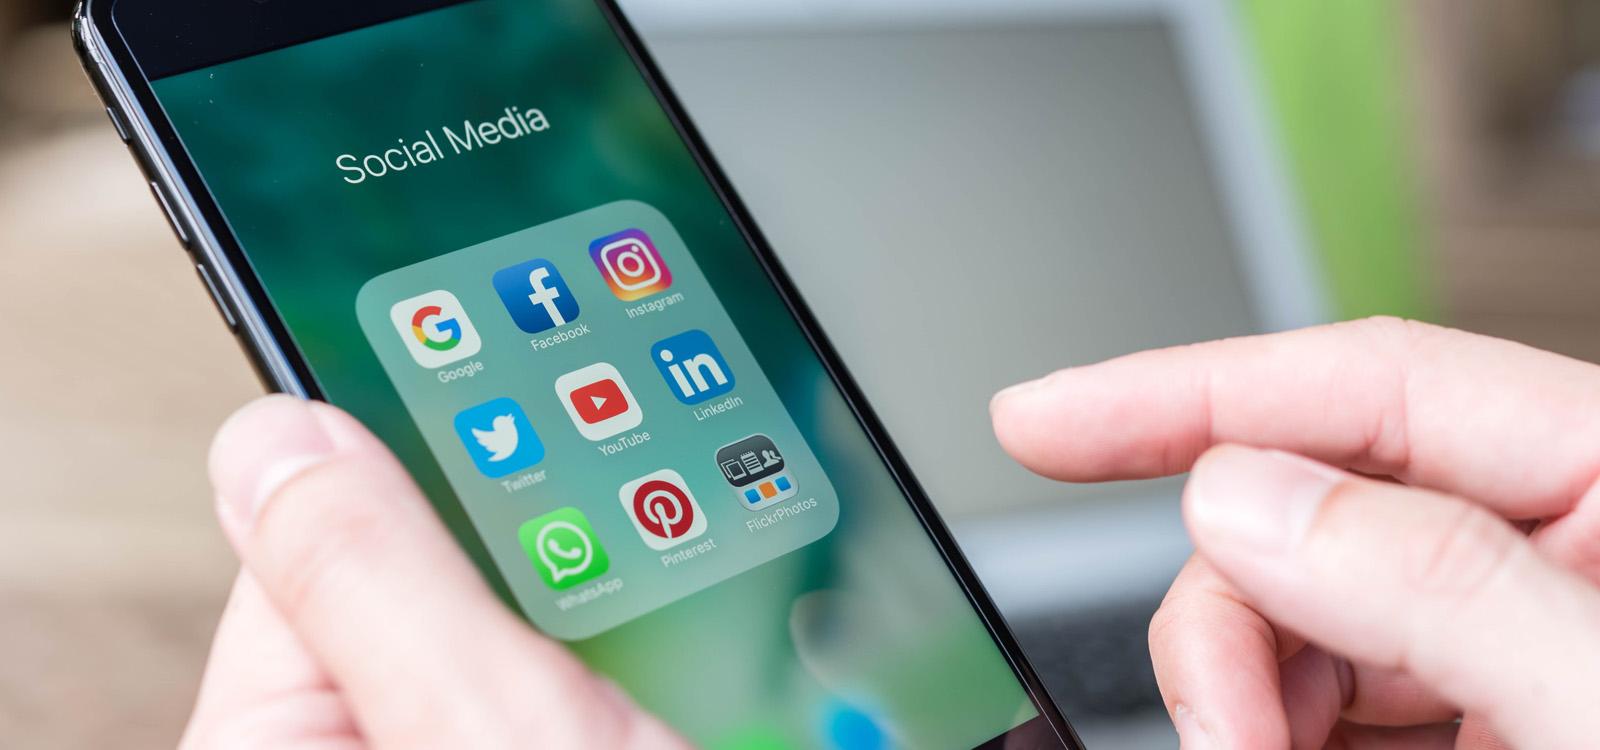 Social-Media-Kompetenz